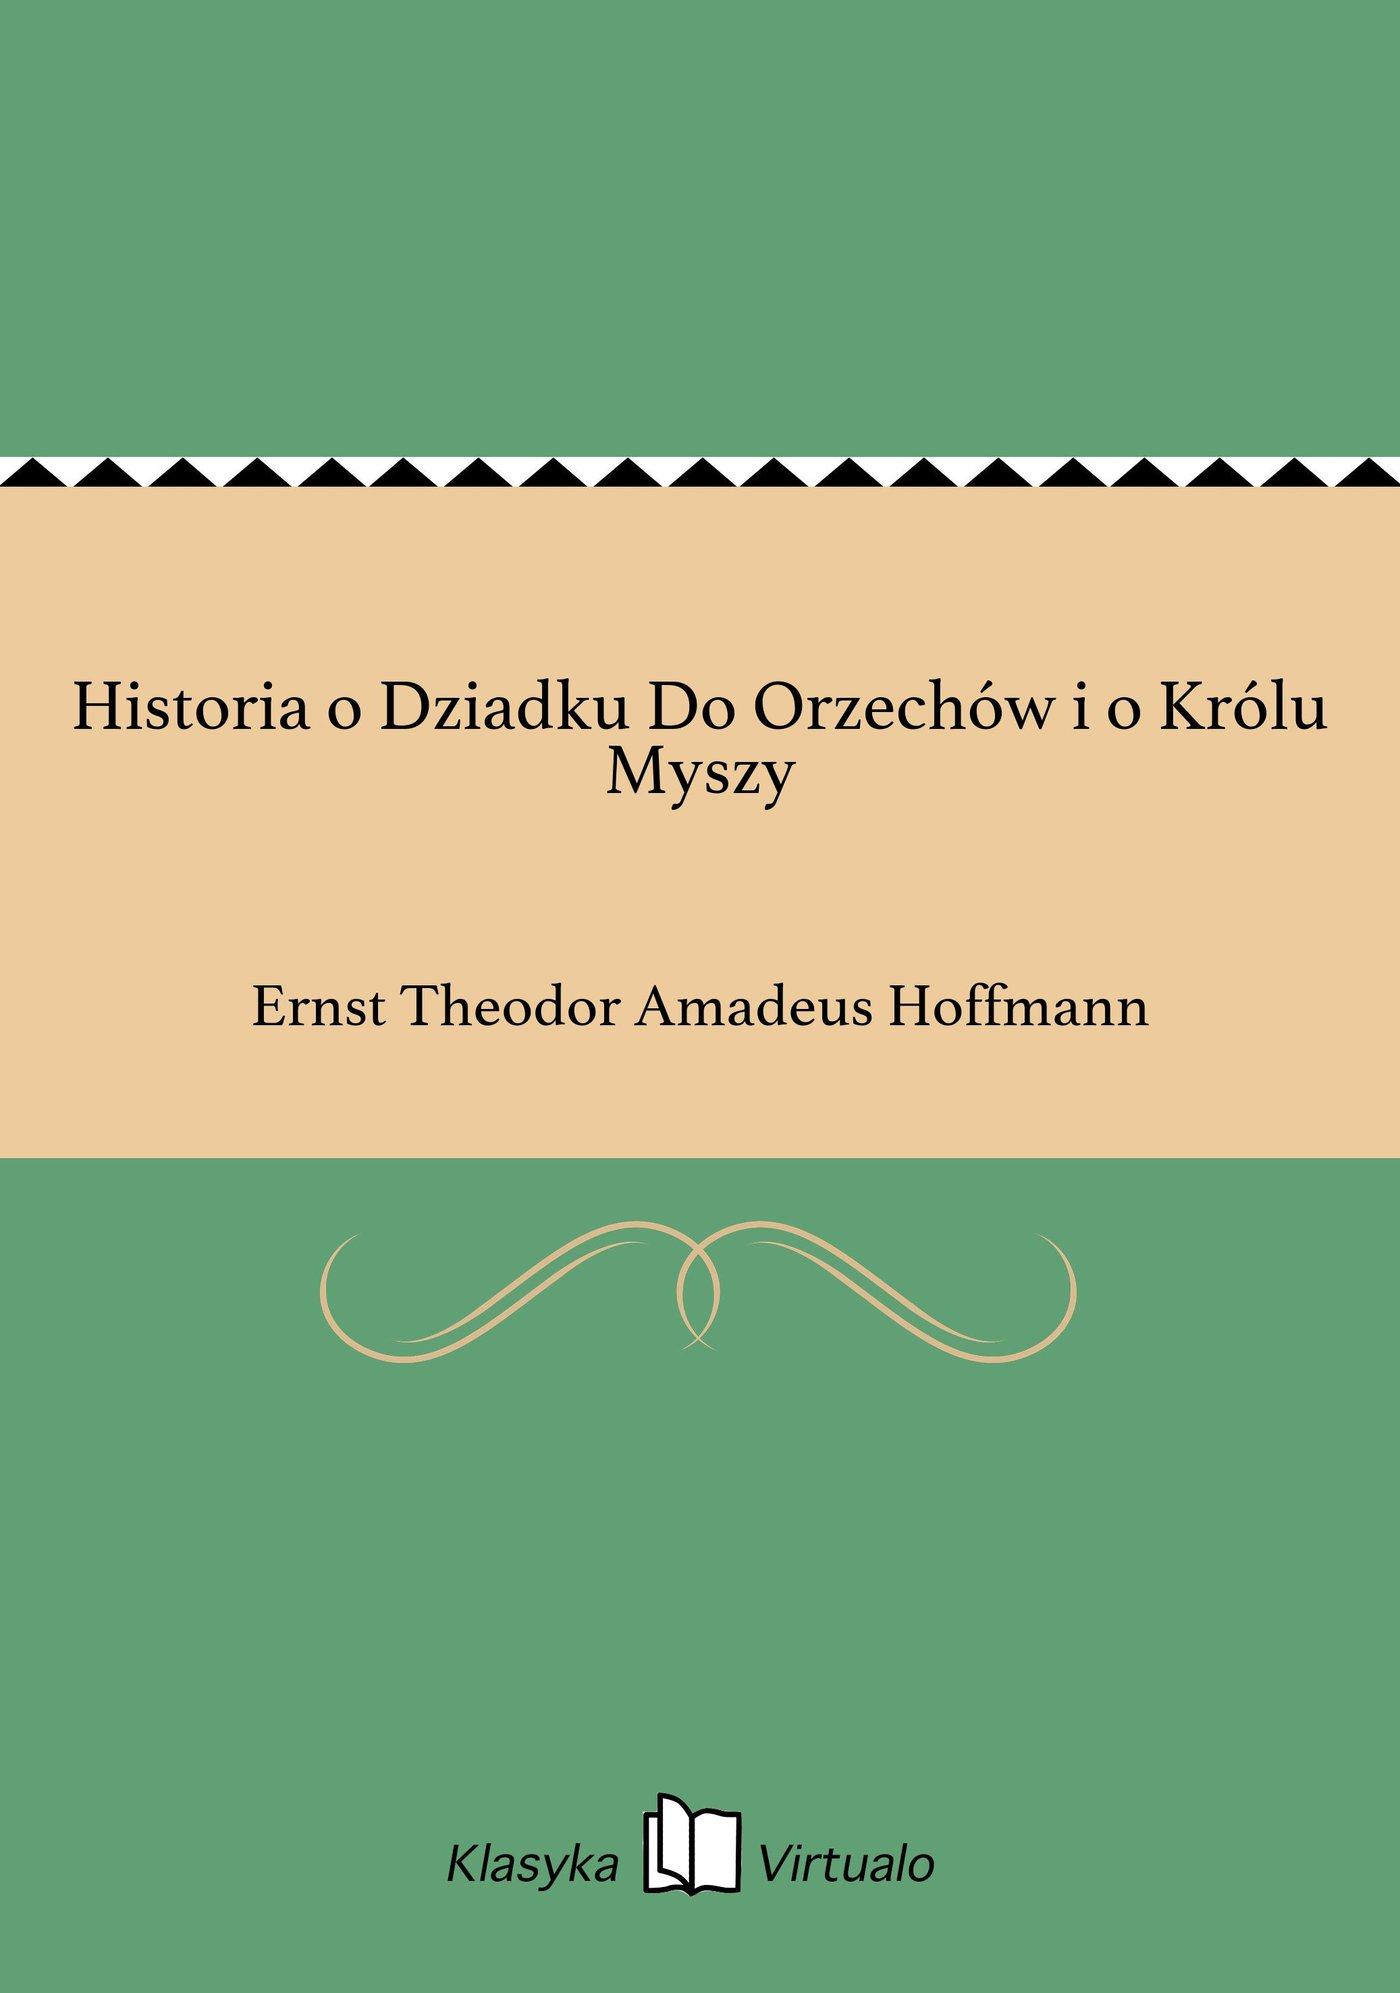 Historia o Dziadku Do Orzechów i o Królu Myszy - Ebook (Książka EPUB) do pobrania w formacie EPUB